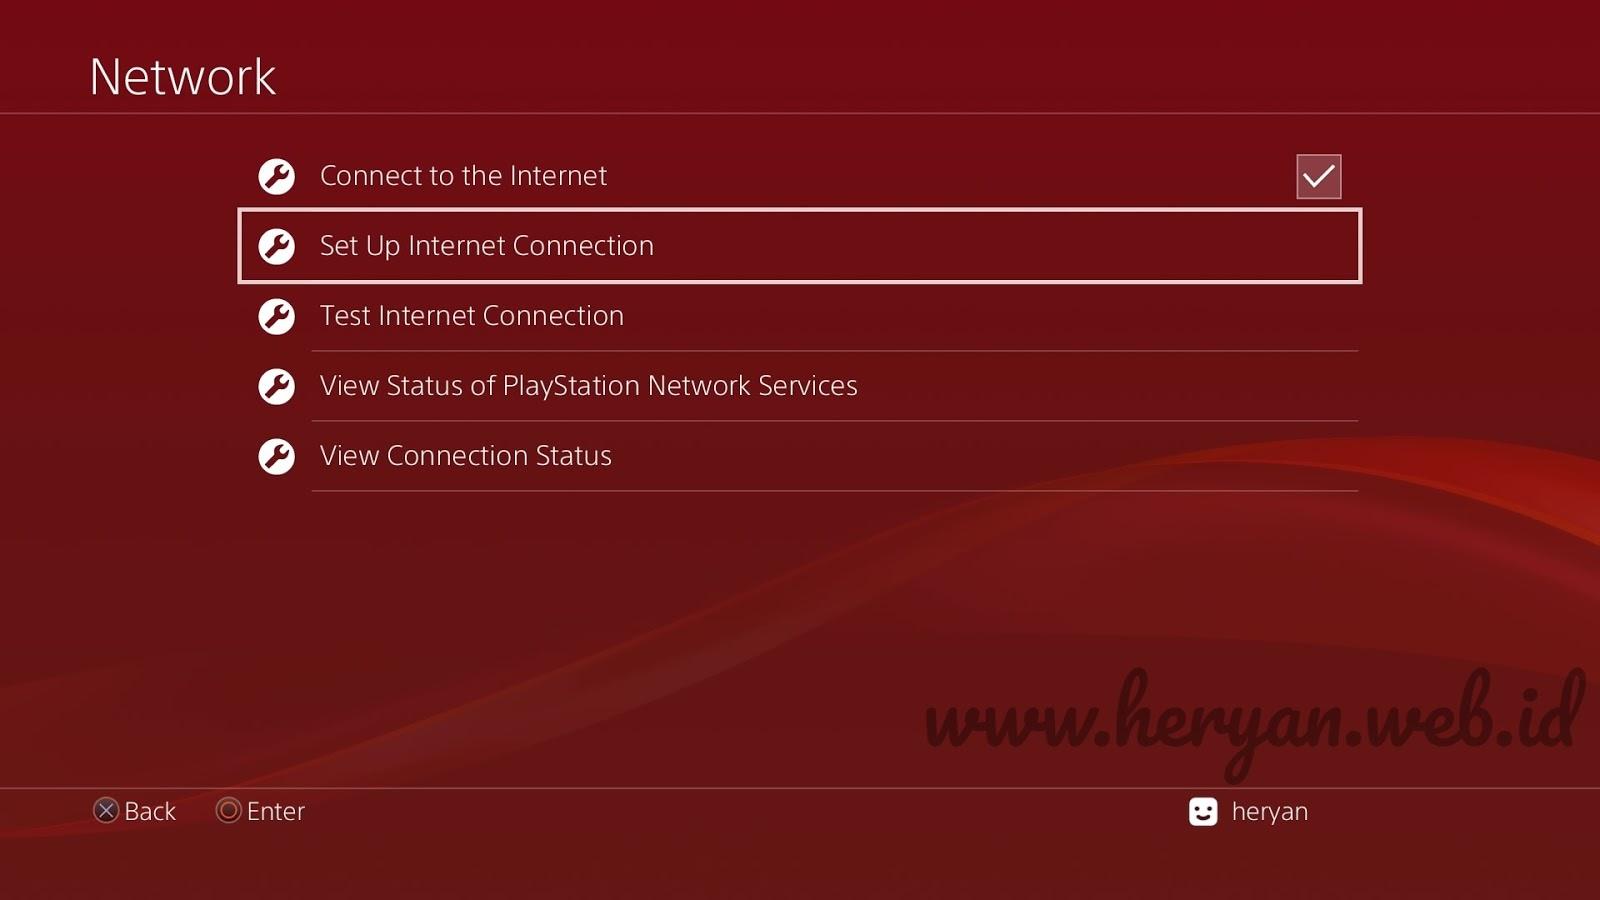 Cara Aktivasi PS4 HEN Menggunakan Wifi Dongle ESP8266 - Heryan